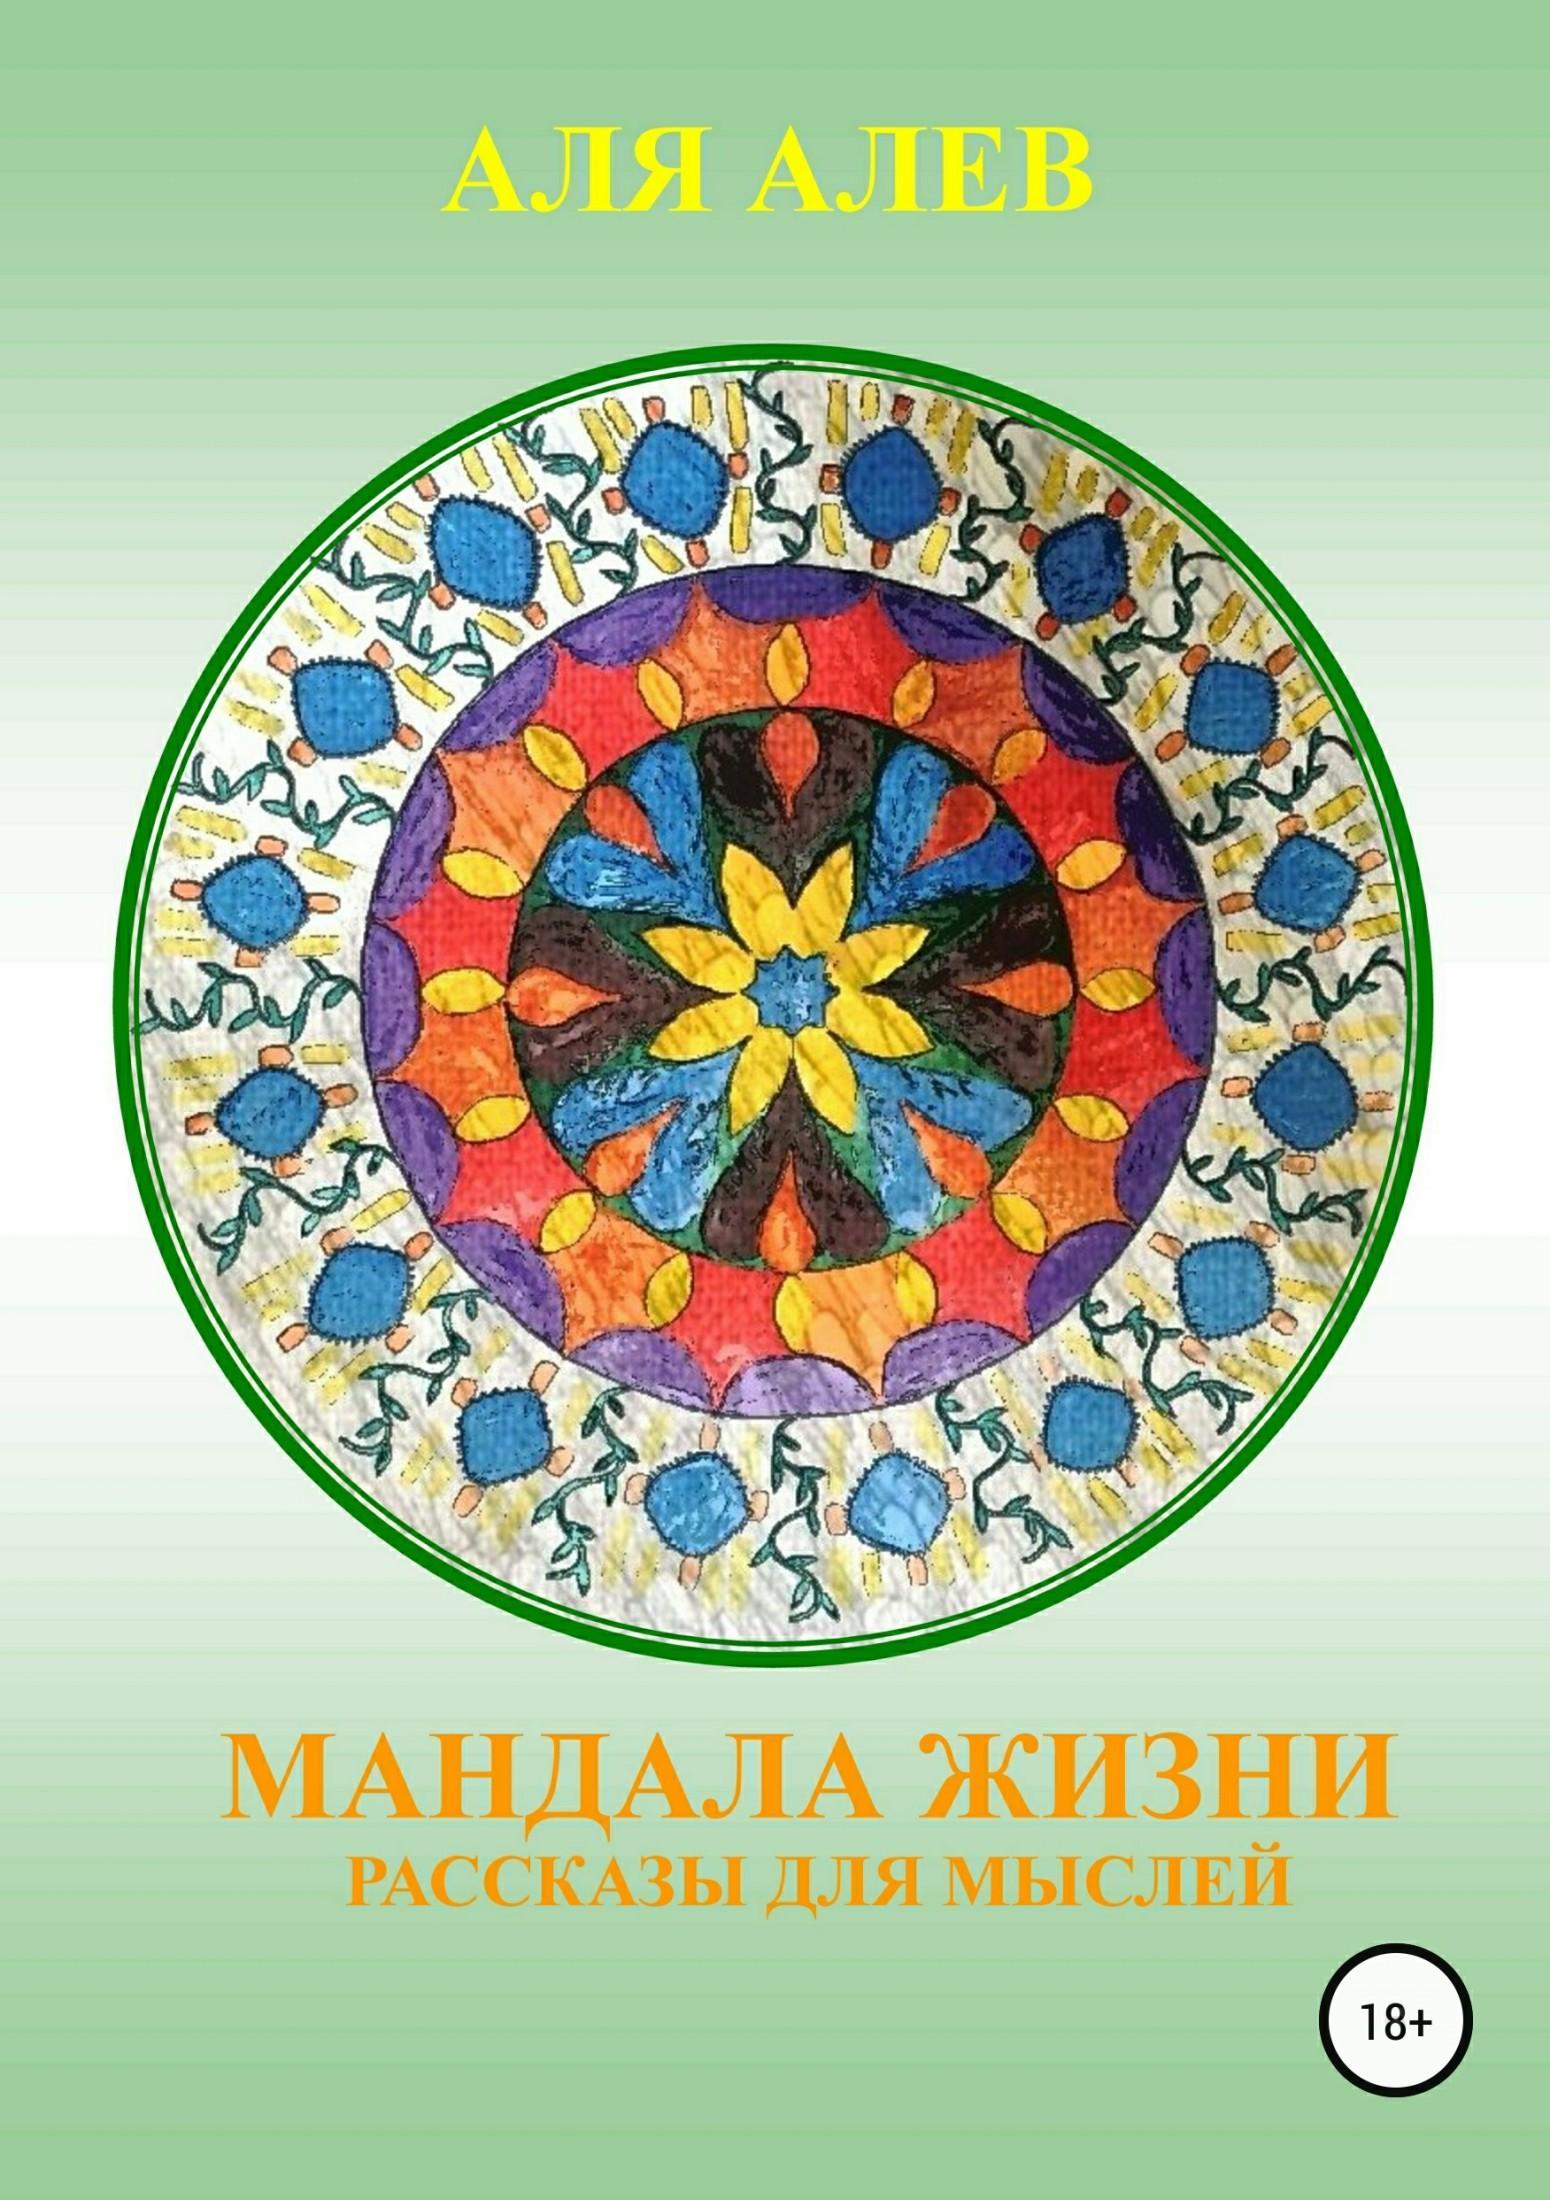 Аля Алев Мандала жизни. Сборник рассказов